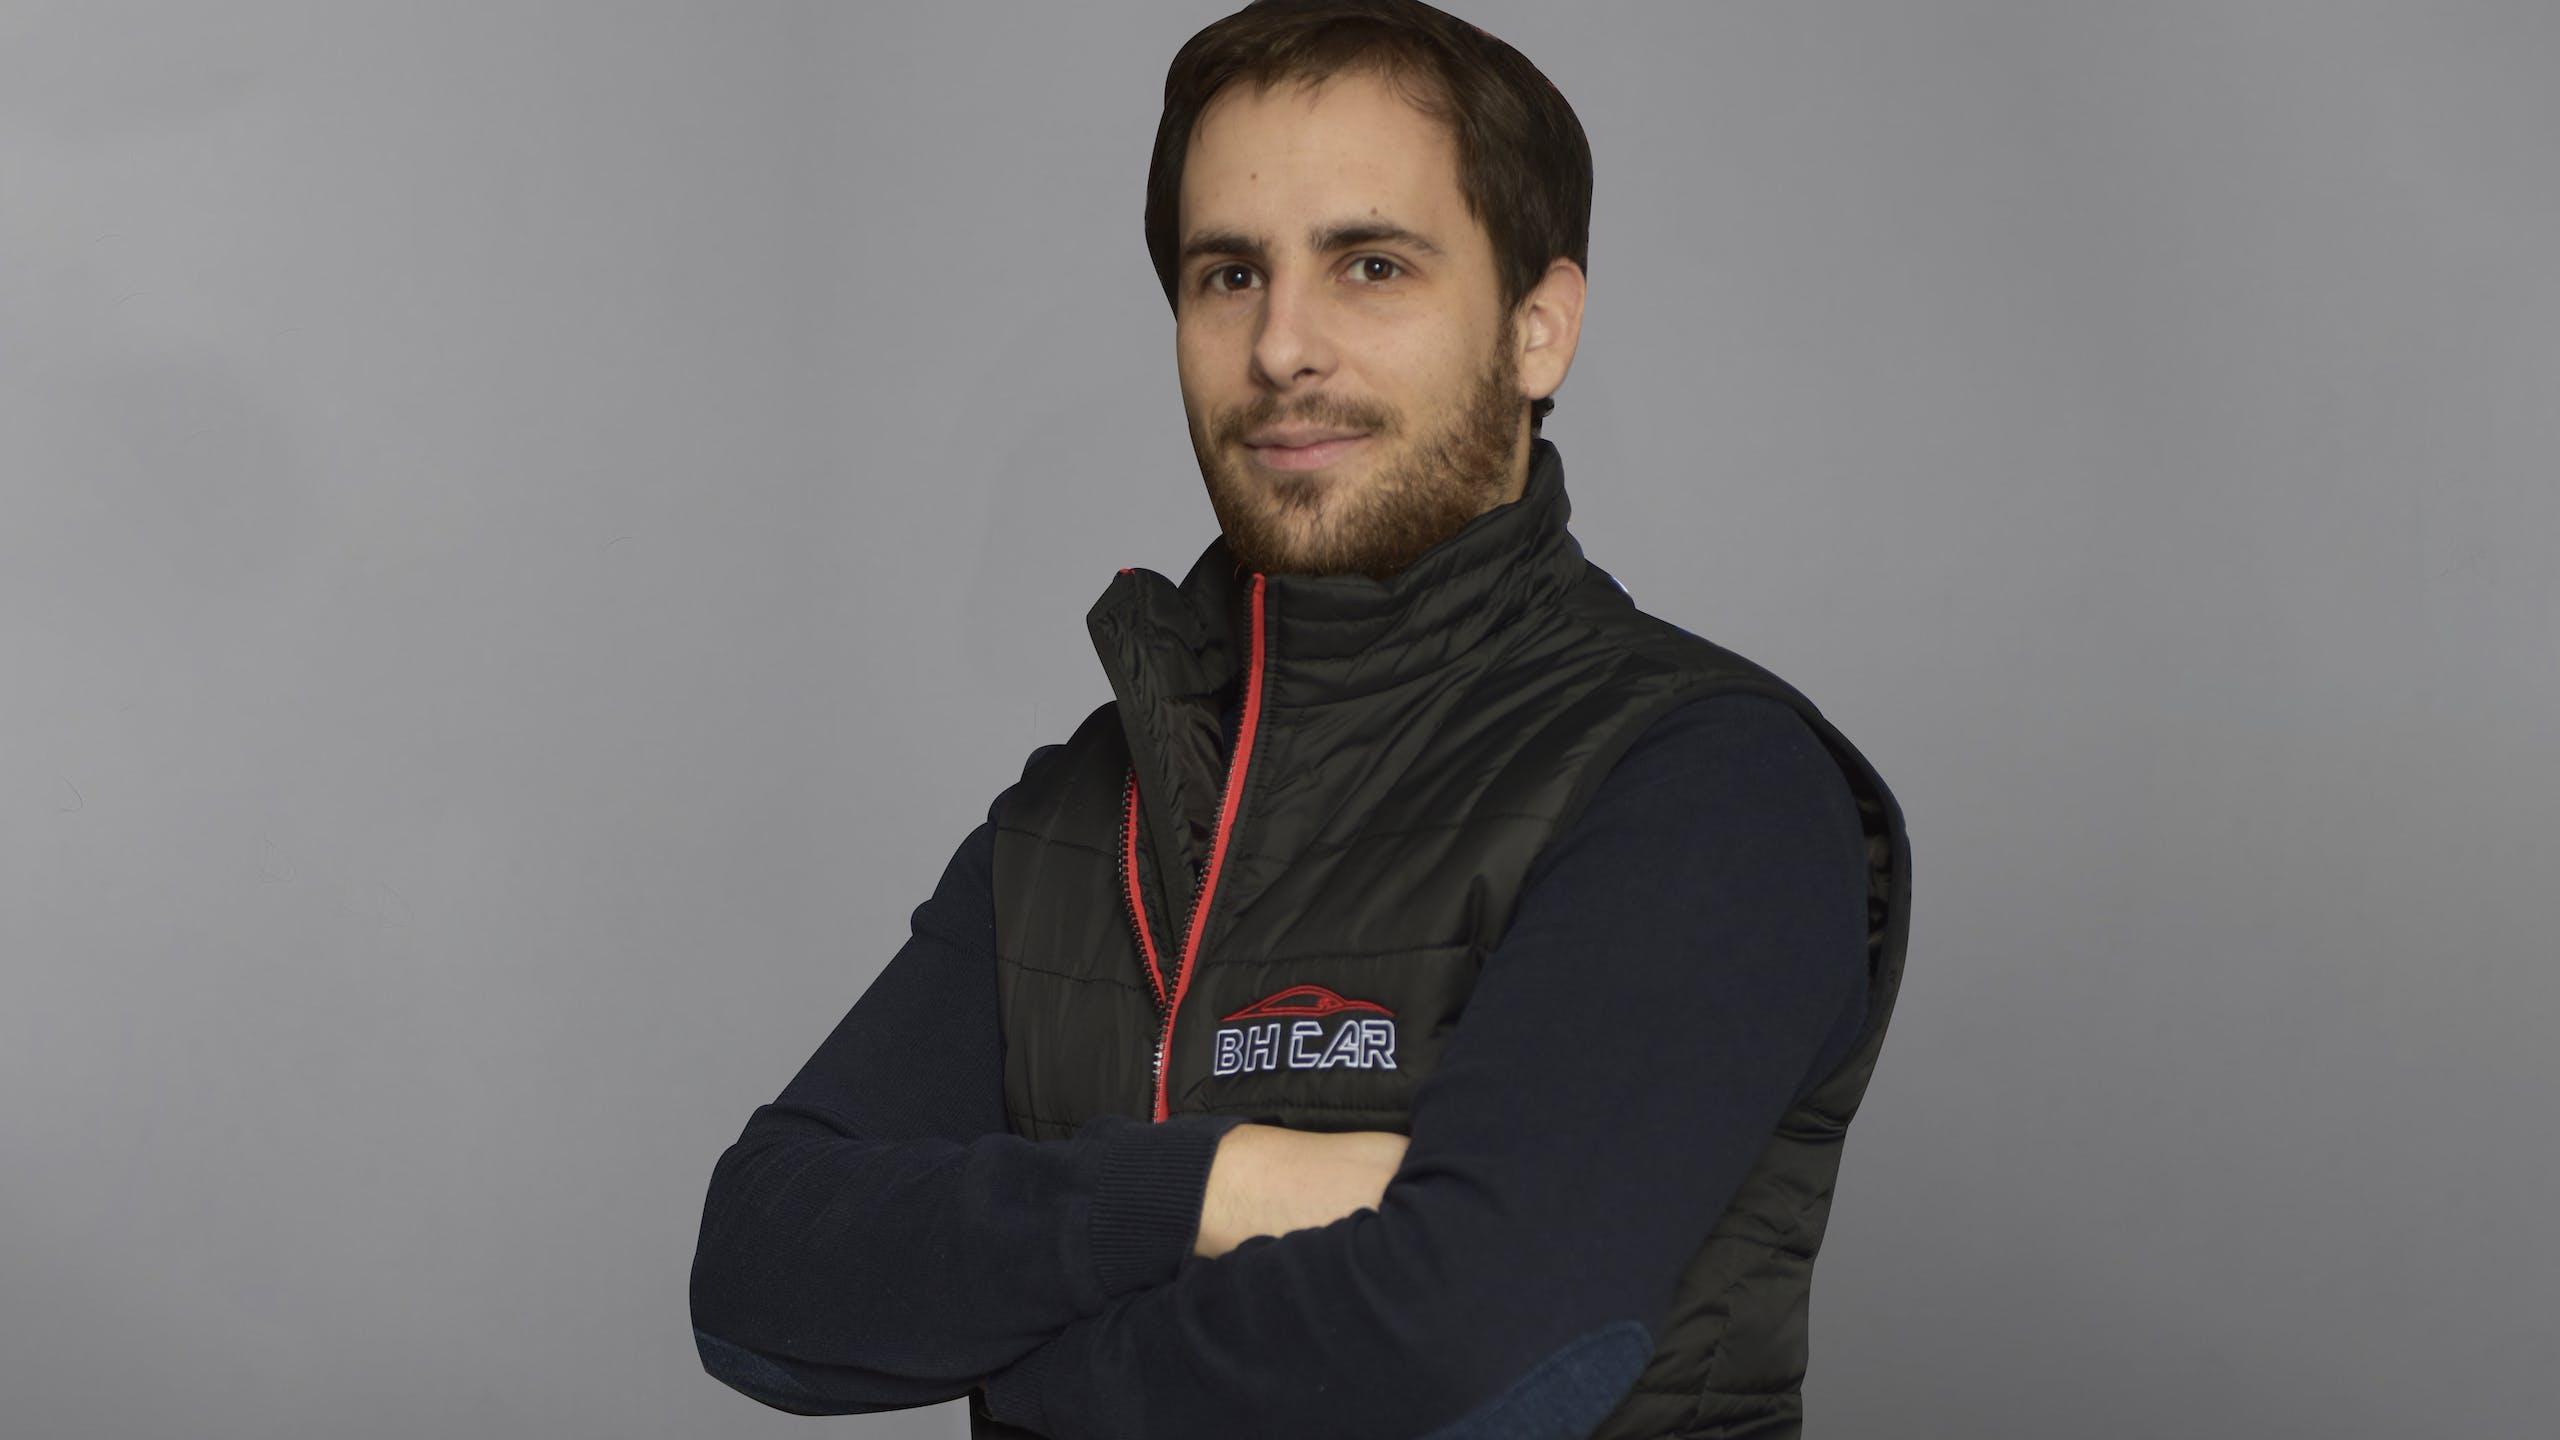 Guillaume Herbin